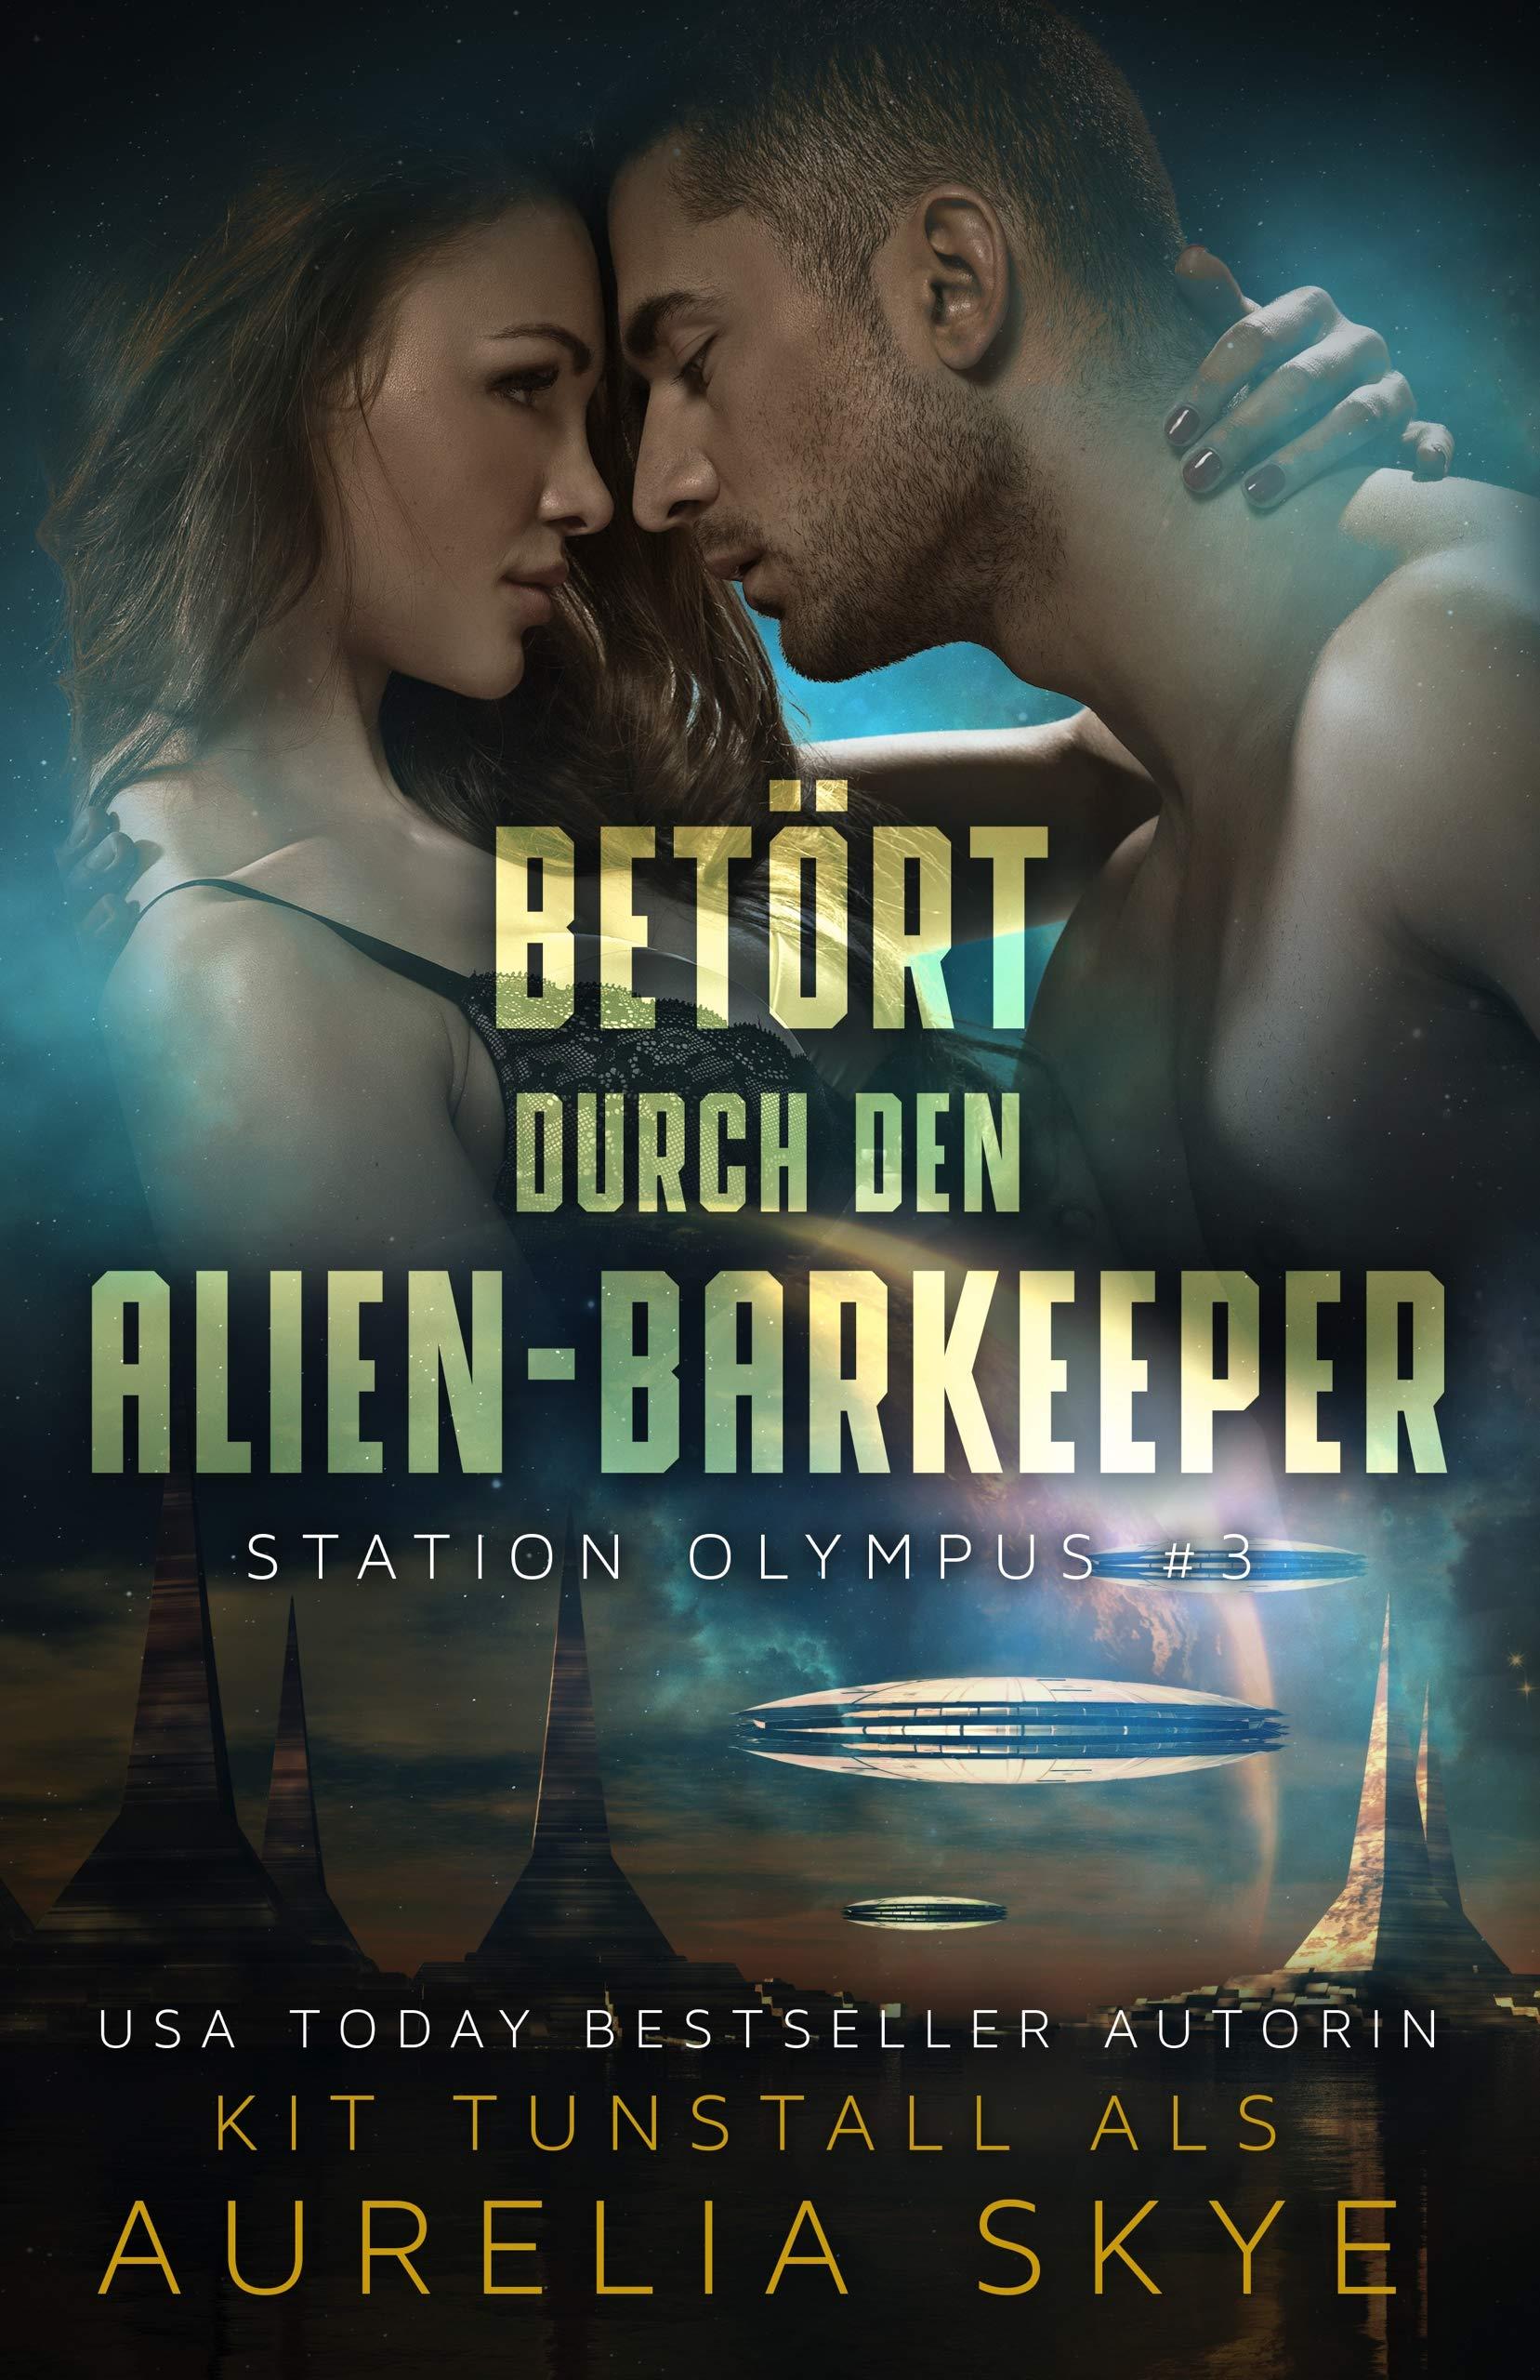 Betört durch den Alien-Barkeeper (Station Olympus 3)